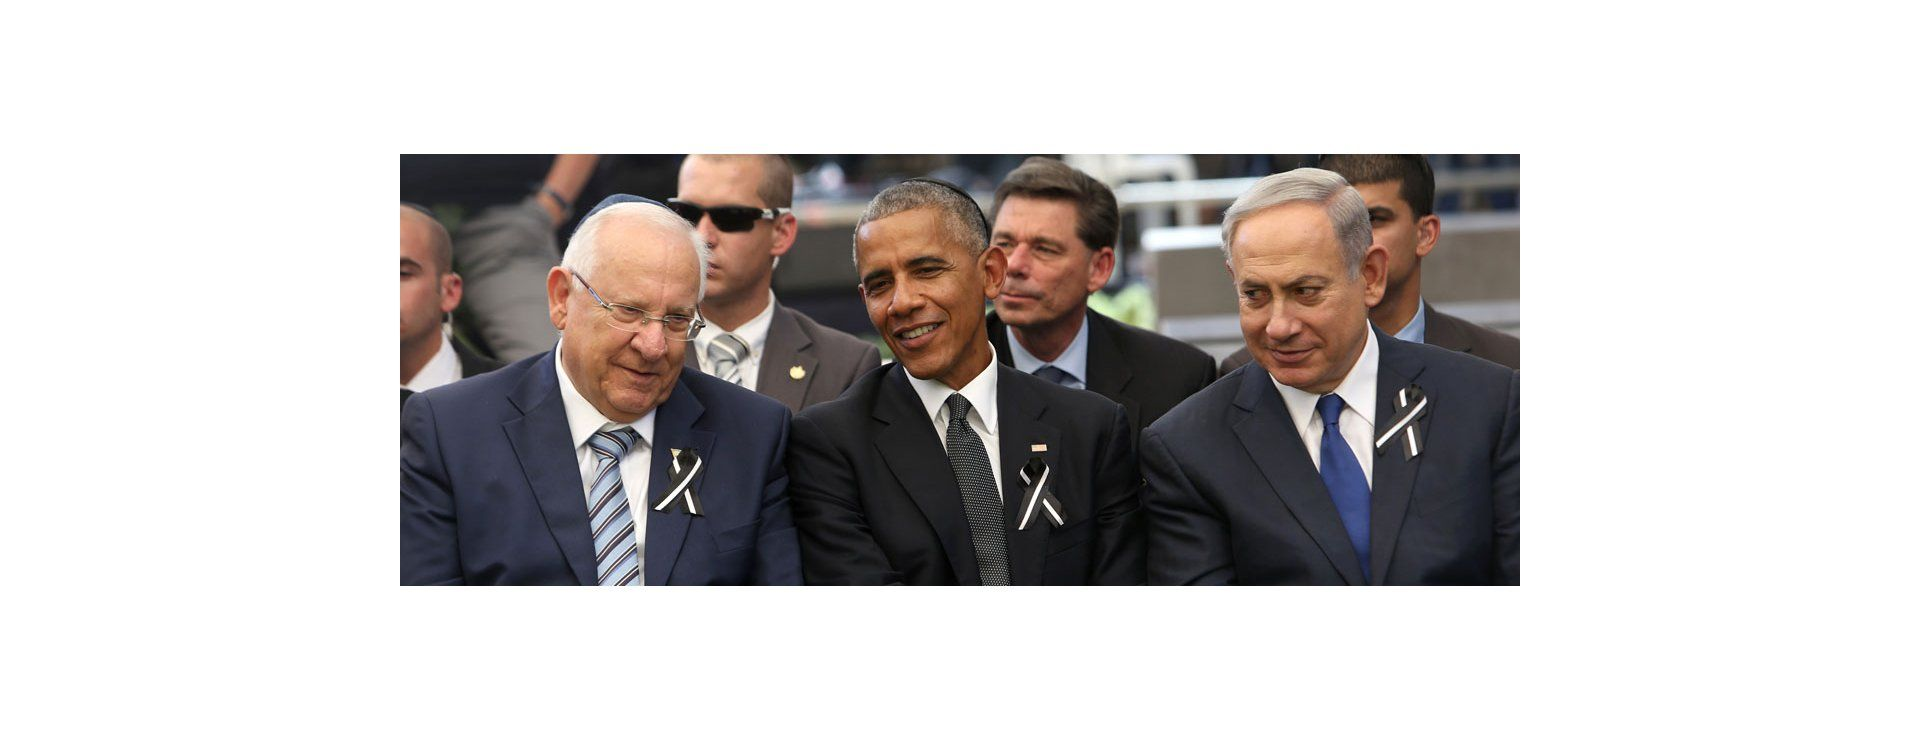 Los restos de Shimon Peres fueron trasladados al cementerio del Monte Herzl